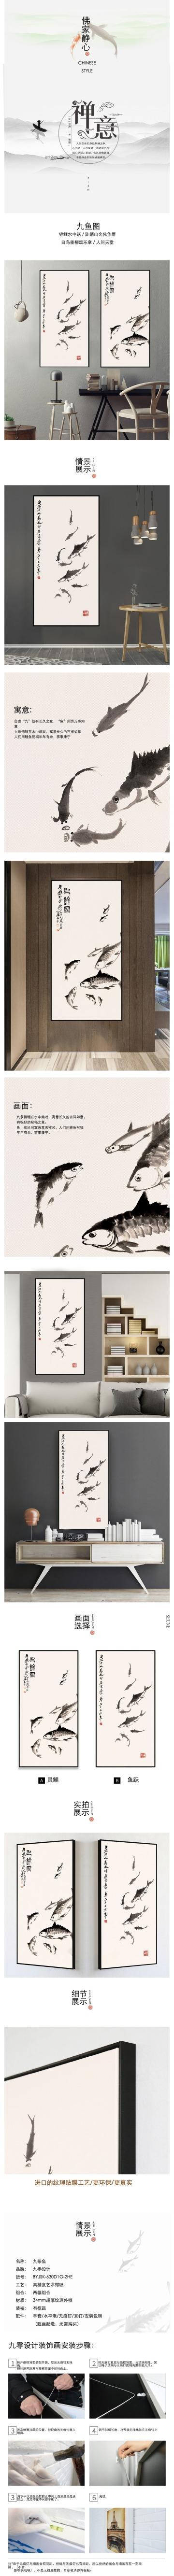 简约中国风装饰画电商详情图